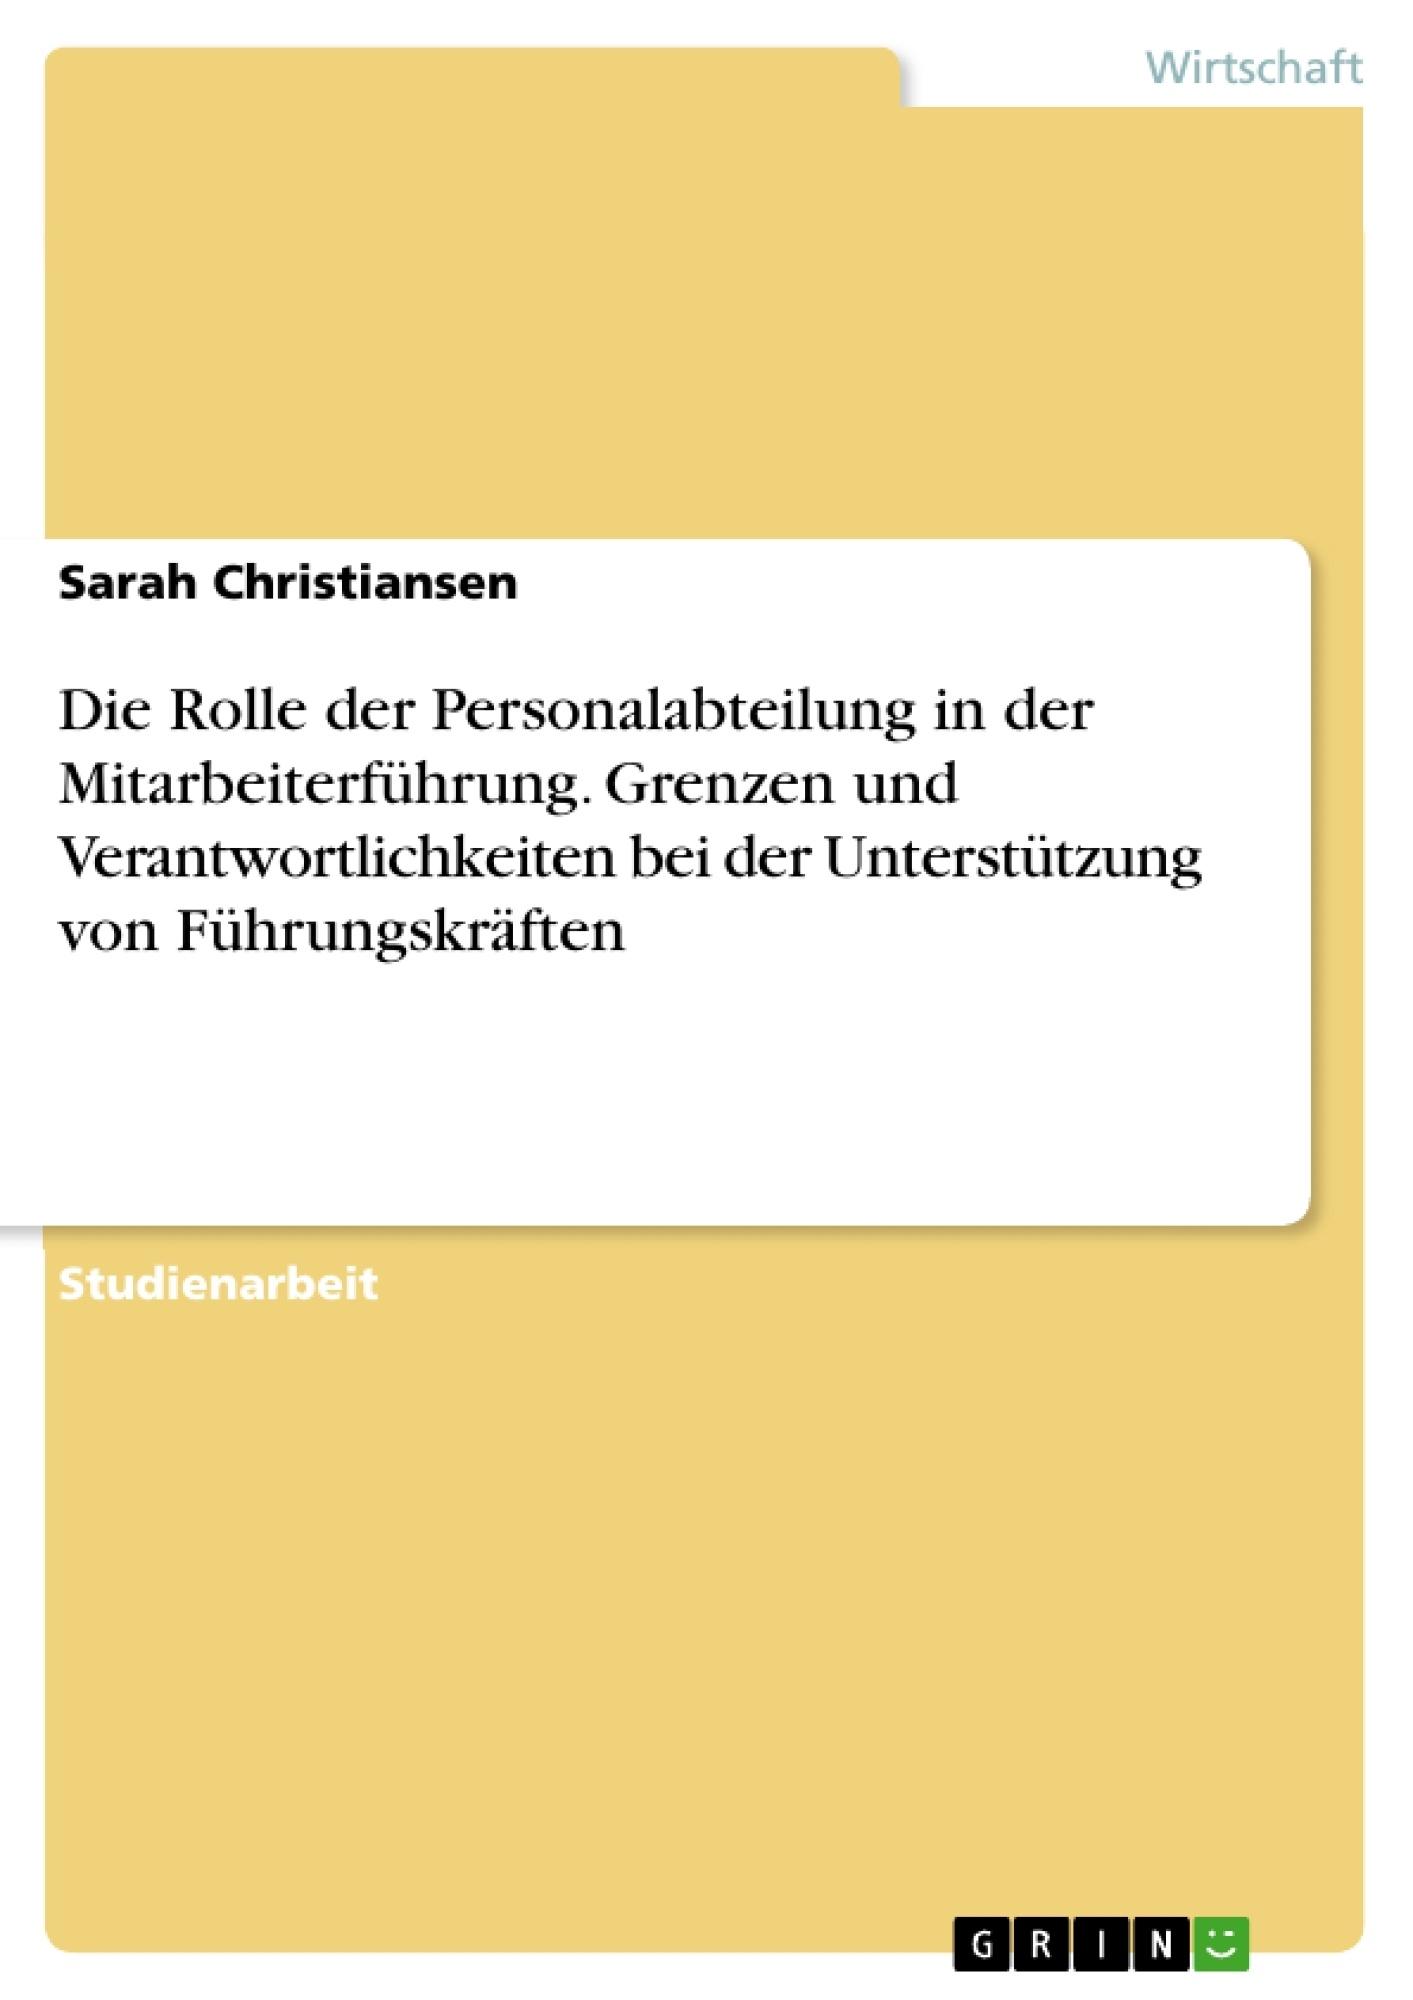 Titel: Die Rolle der Personalabteilung in der Mitarbeiterführung. Grenzen und Verantwortlichkeiten bei der Unterstützung von Führungskräften